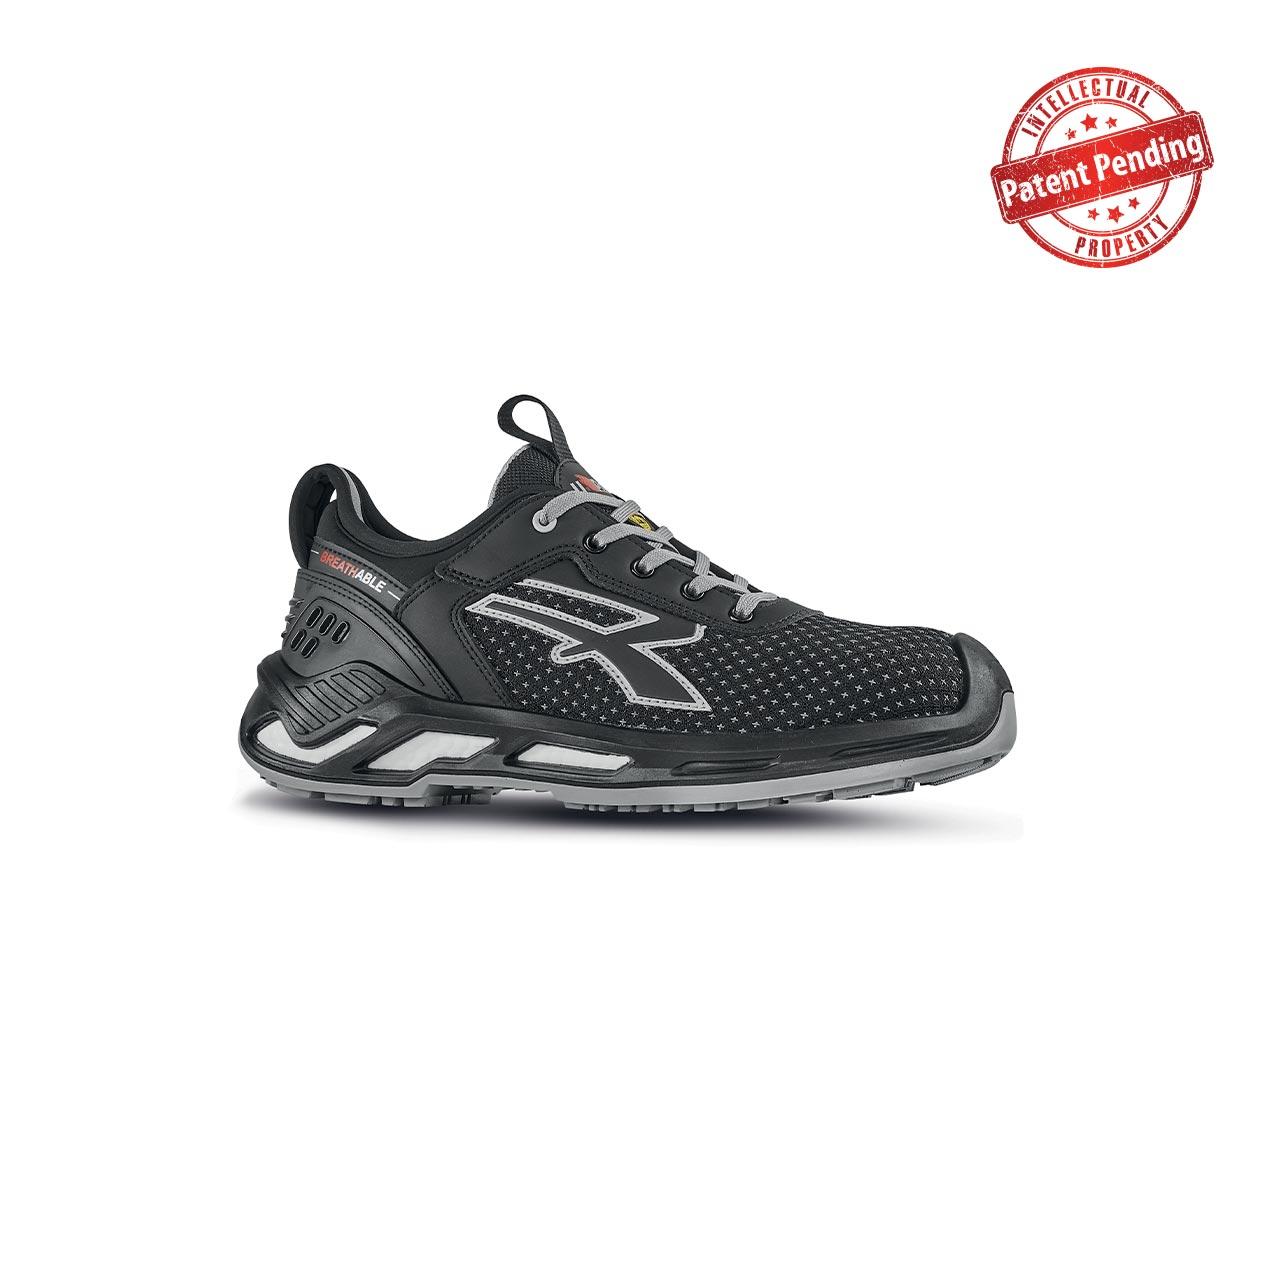 scarpa antinfortunistica upower modello marlin linea red360 vista laterale